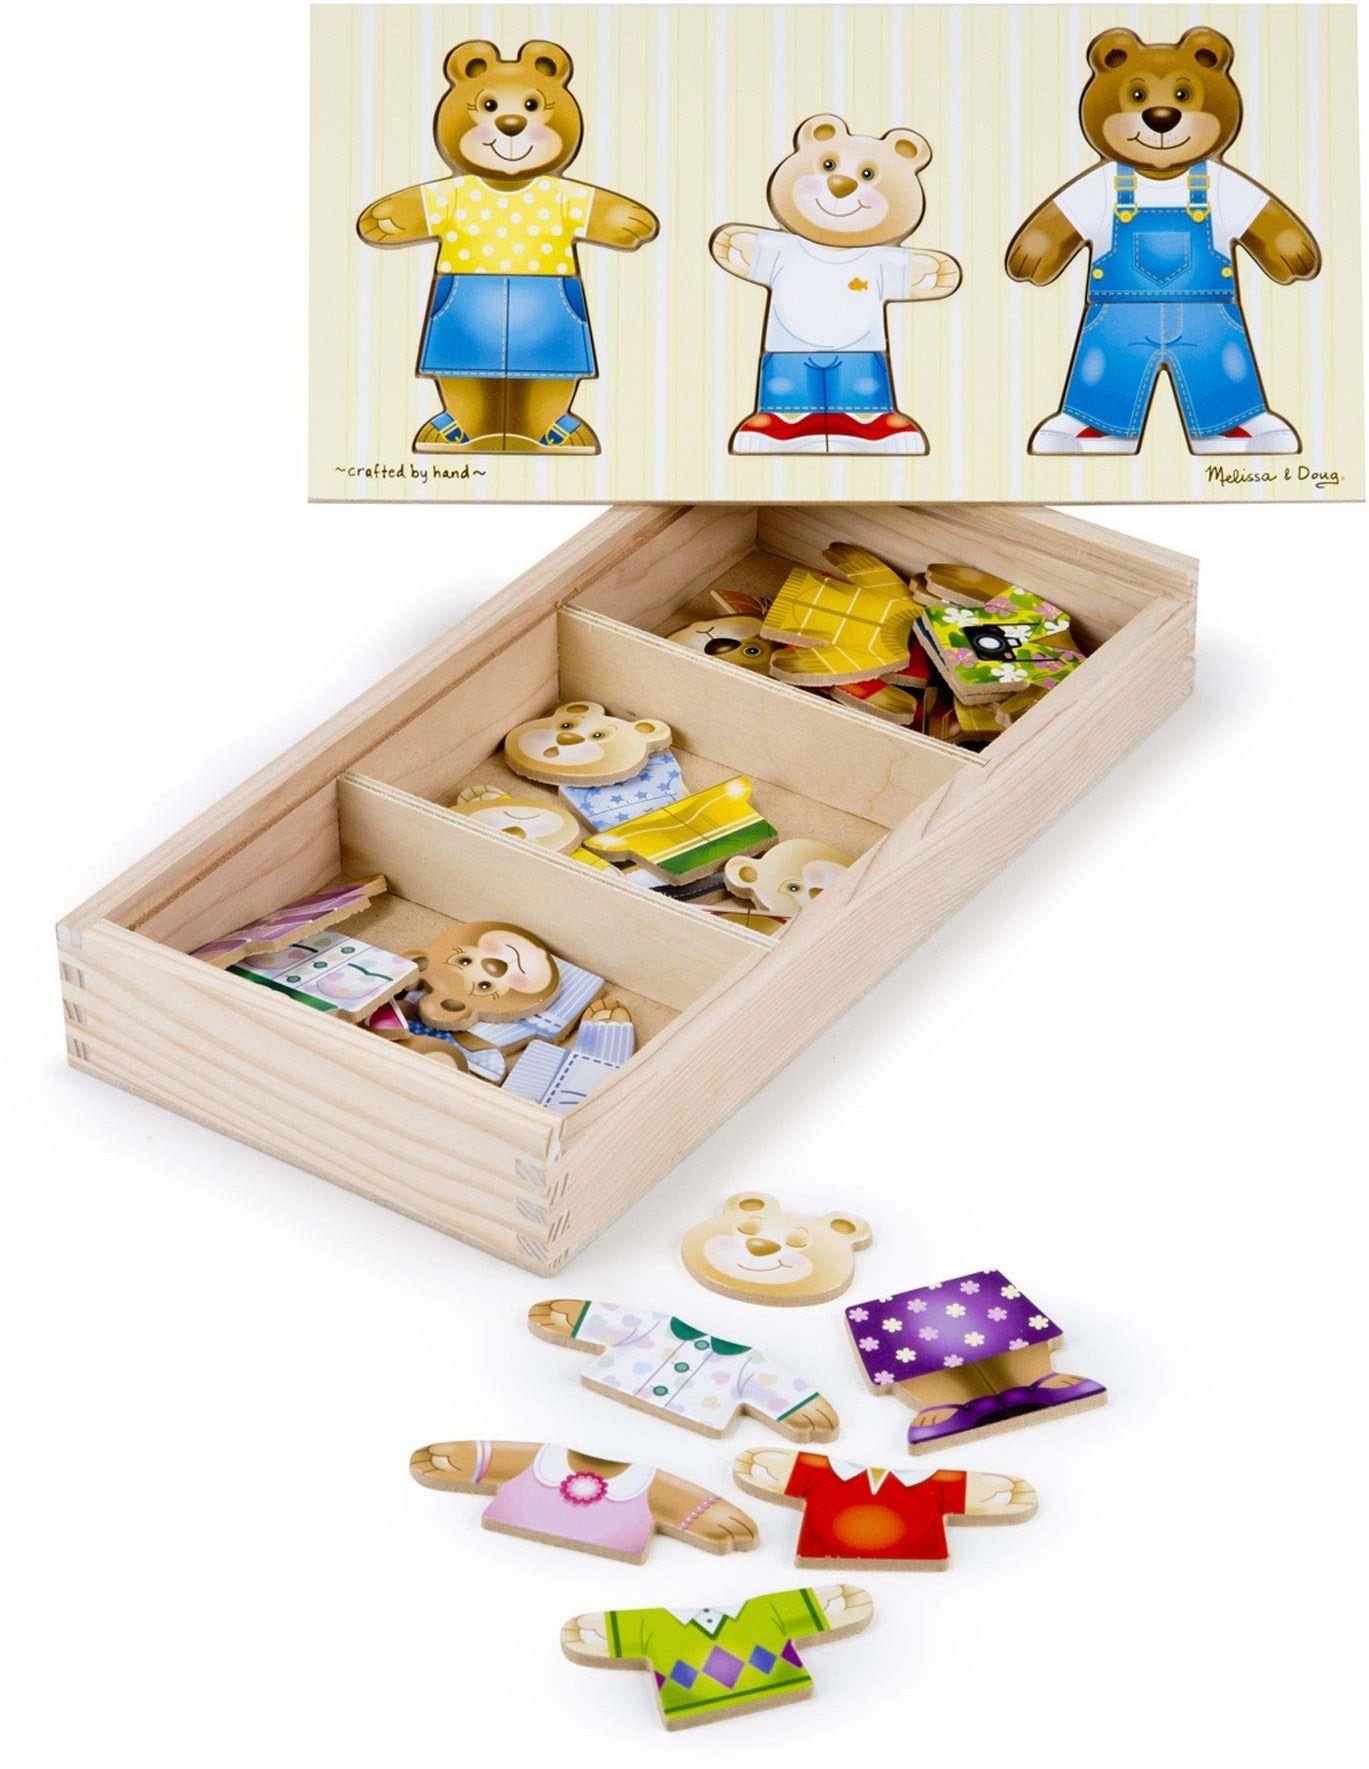 Melissa & Doug Drewniany niedźwiedź rodzinny przebieranki łamigłówki drewniana zabawka 3+ prezent dla chłopca lub dziewczyny